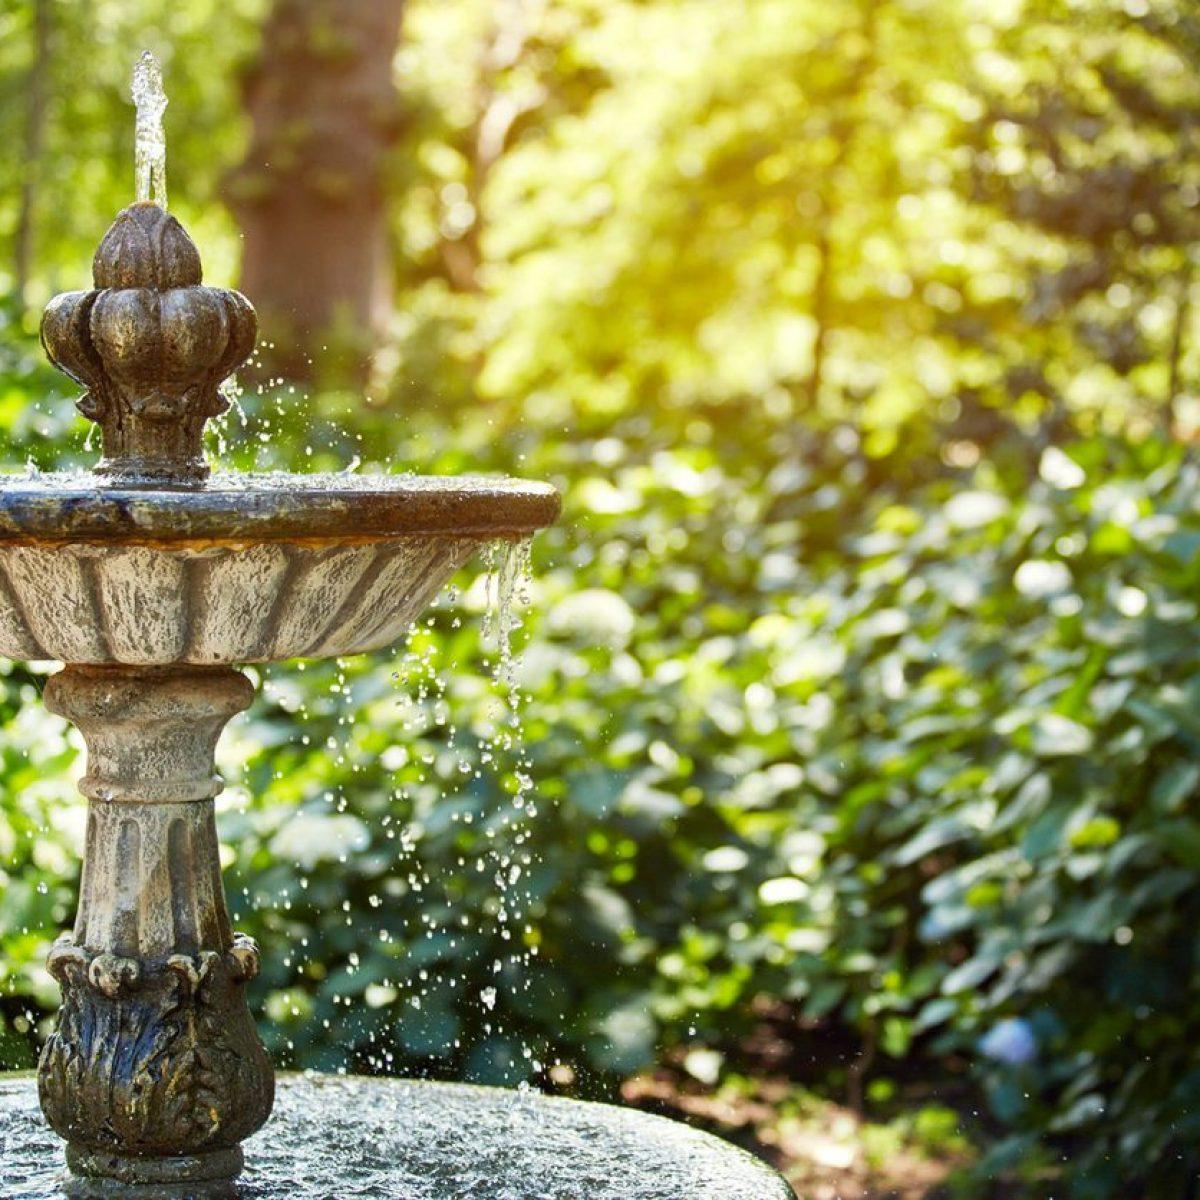 Per bagno per uccelli, laghetto e piscina,1.4w fontane moderna. Le 10 Migliori Fontane Da Giardino Classifica E Guida All Acquisto